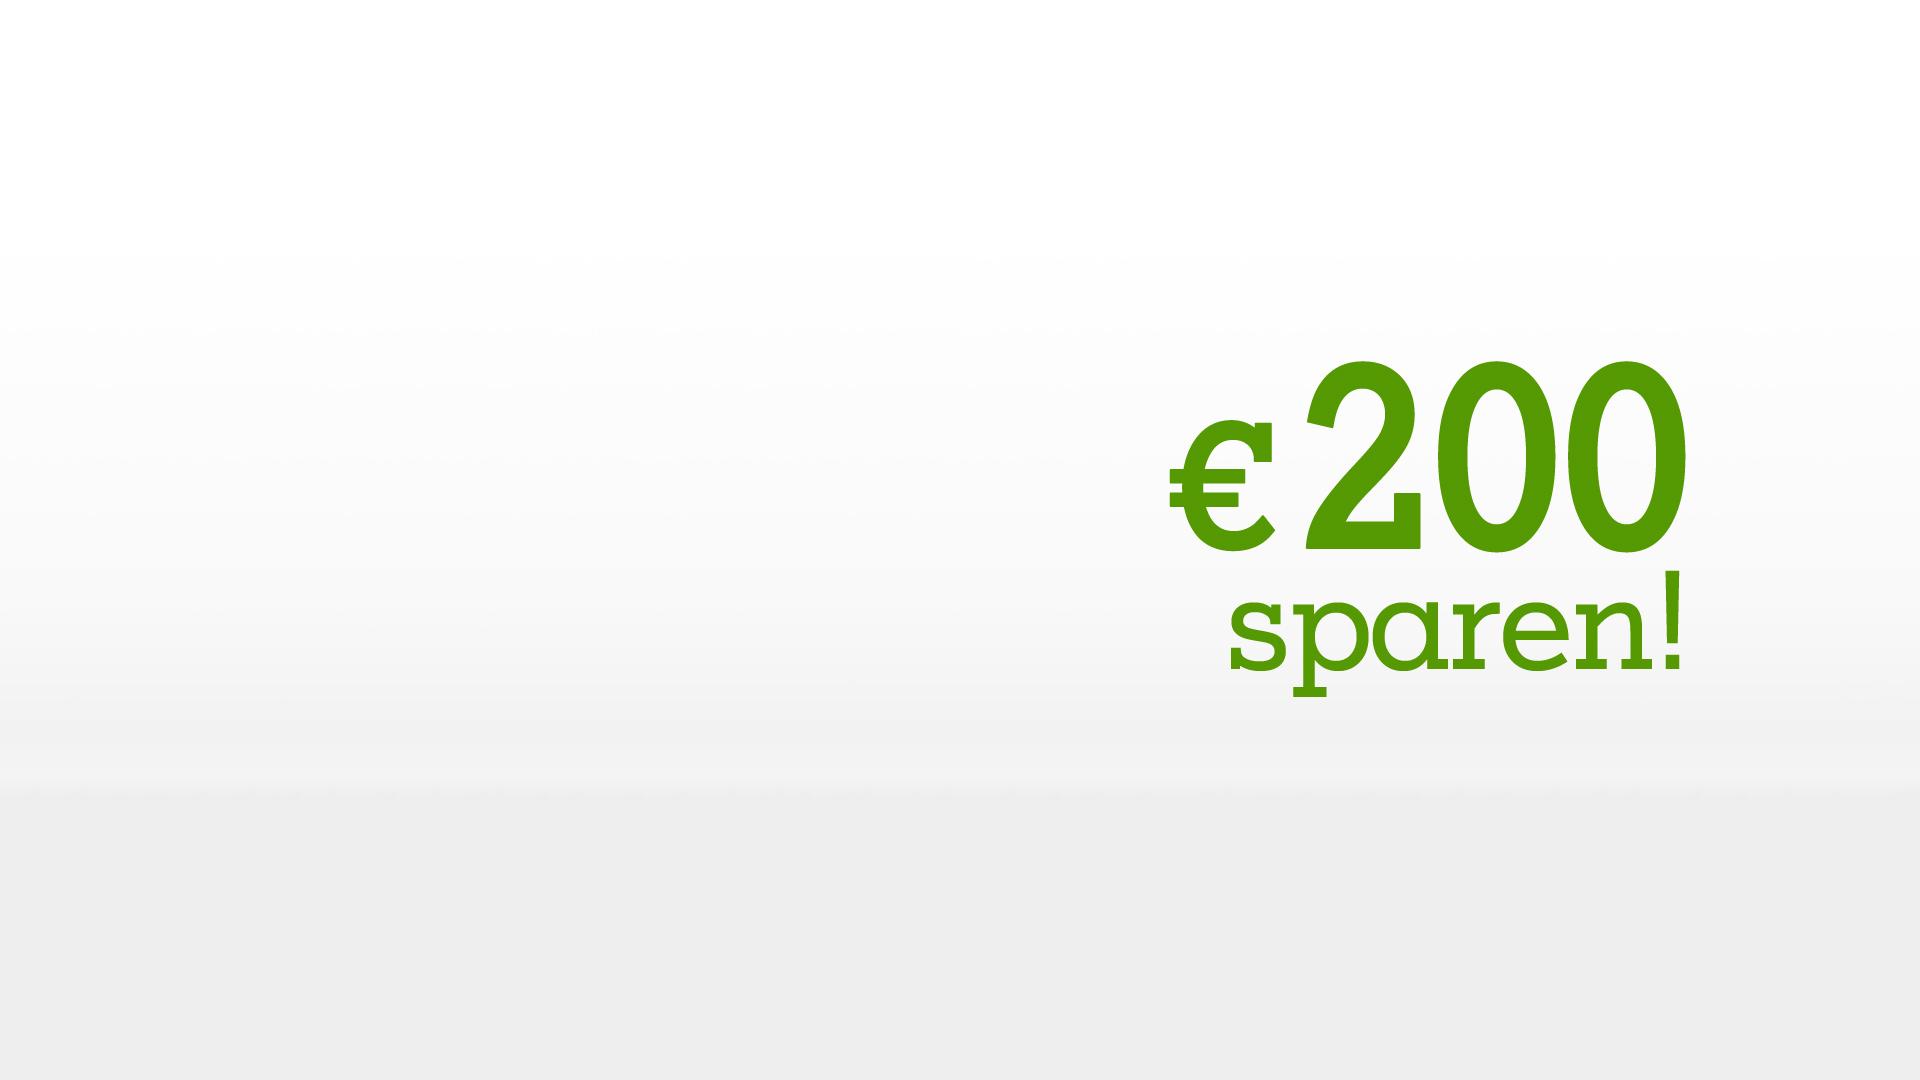 Bis zu € 200 sparen